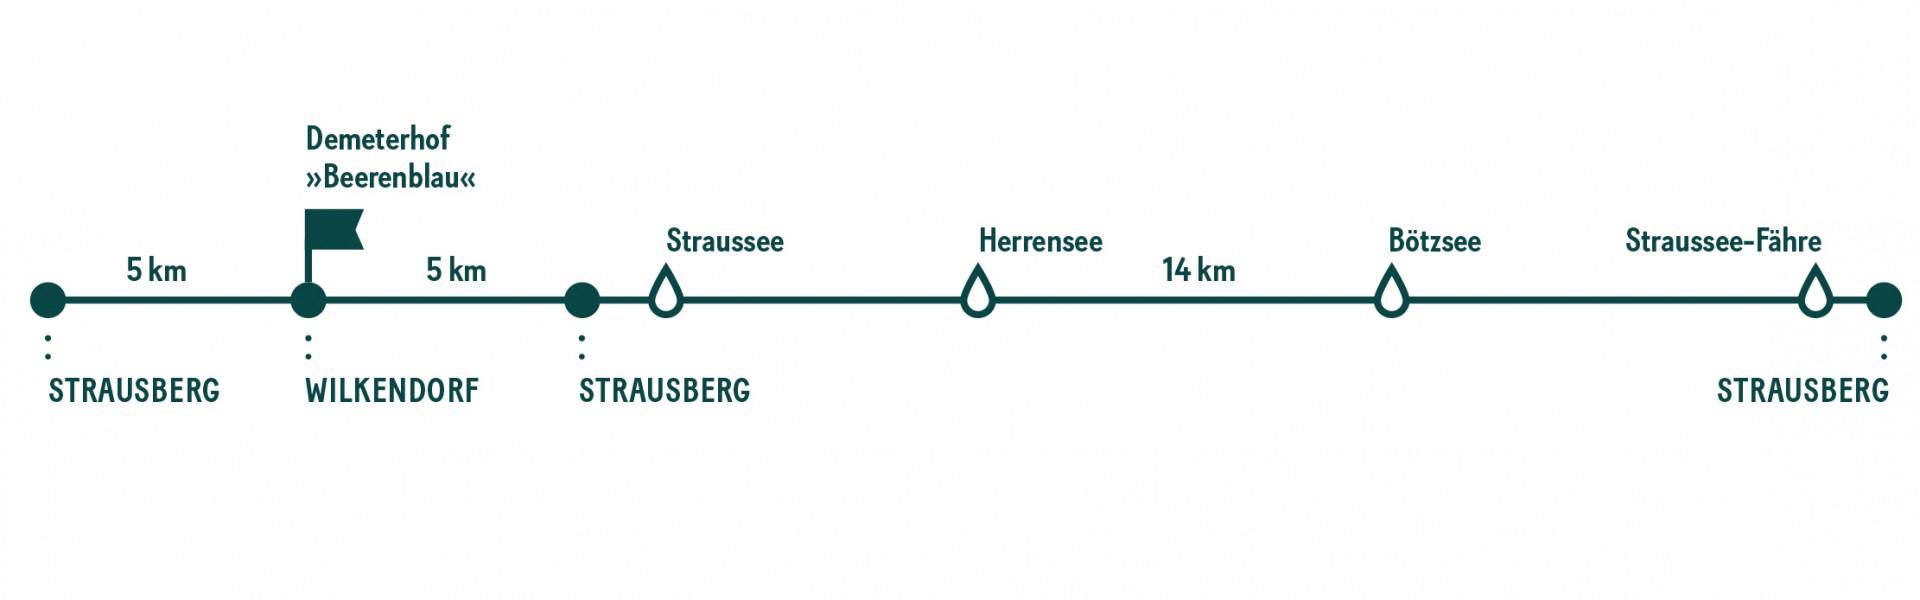 Milch & Moos · Vom Wandern und vom guten Essen · Brandenburg, Berlin August · Wanderung Strausberg, Heidelbeeren, Brieftauben